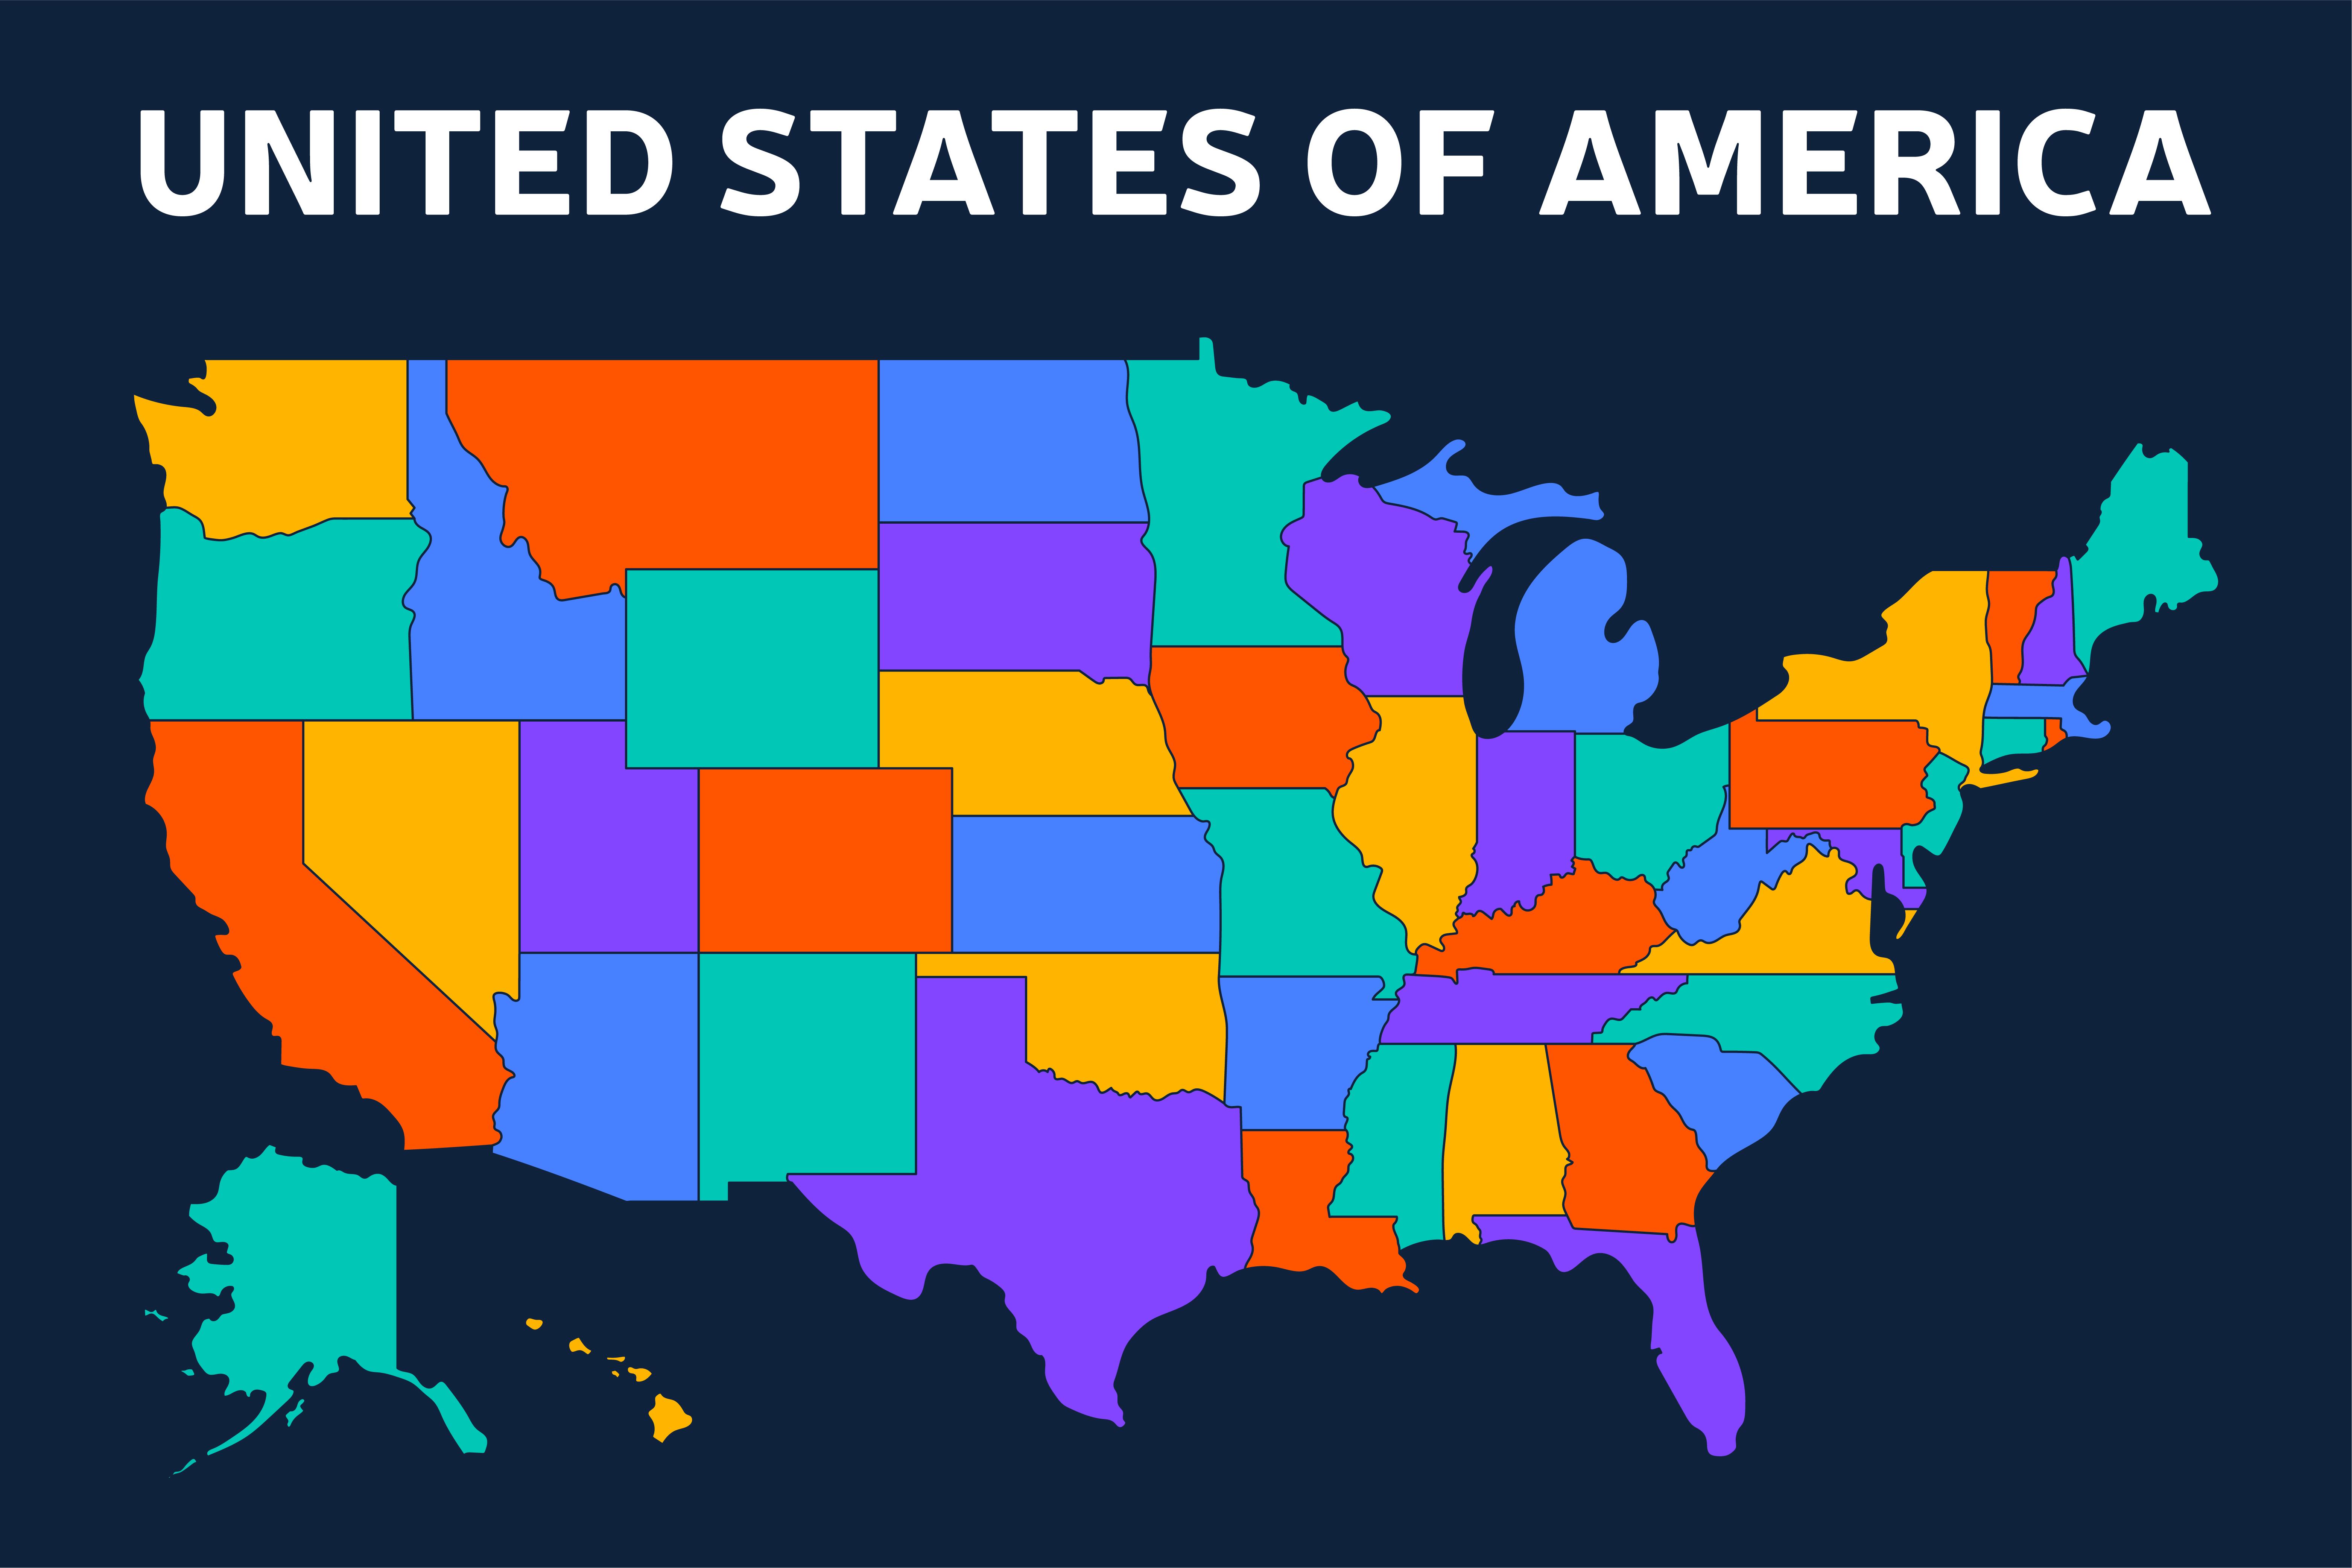 Cartina Muta Delle Americhe.Mappa Muta Di Usa Stati Uniti D America Nei Colori Dello Spettro Dell Arcobaleno 1819503 Scarica Immagini Vettoriali Gratis Grafica Vettoriale E Disegno Modelli